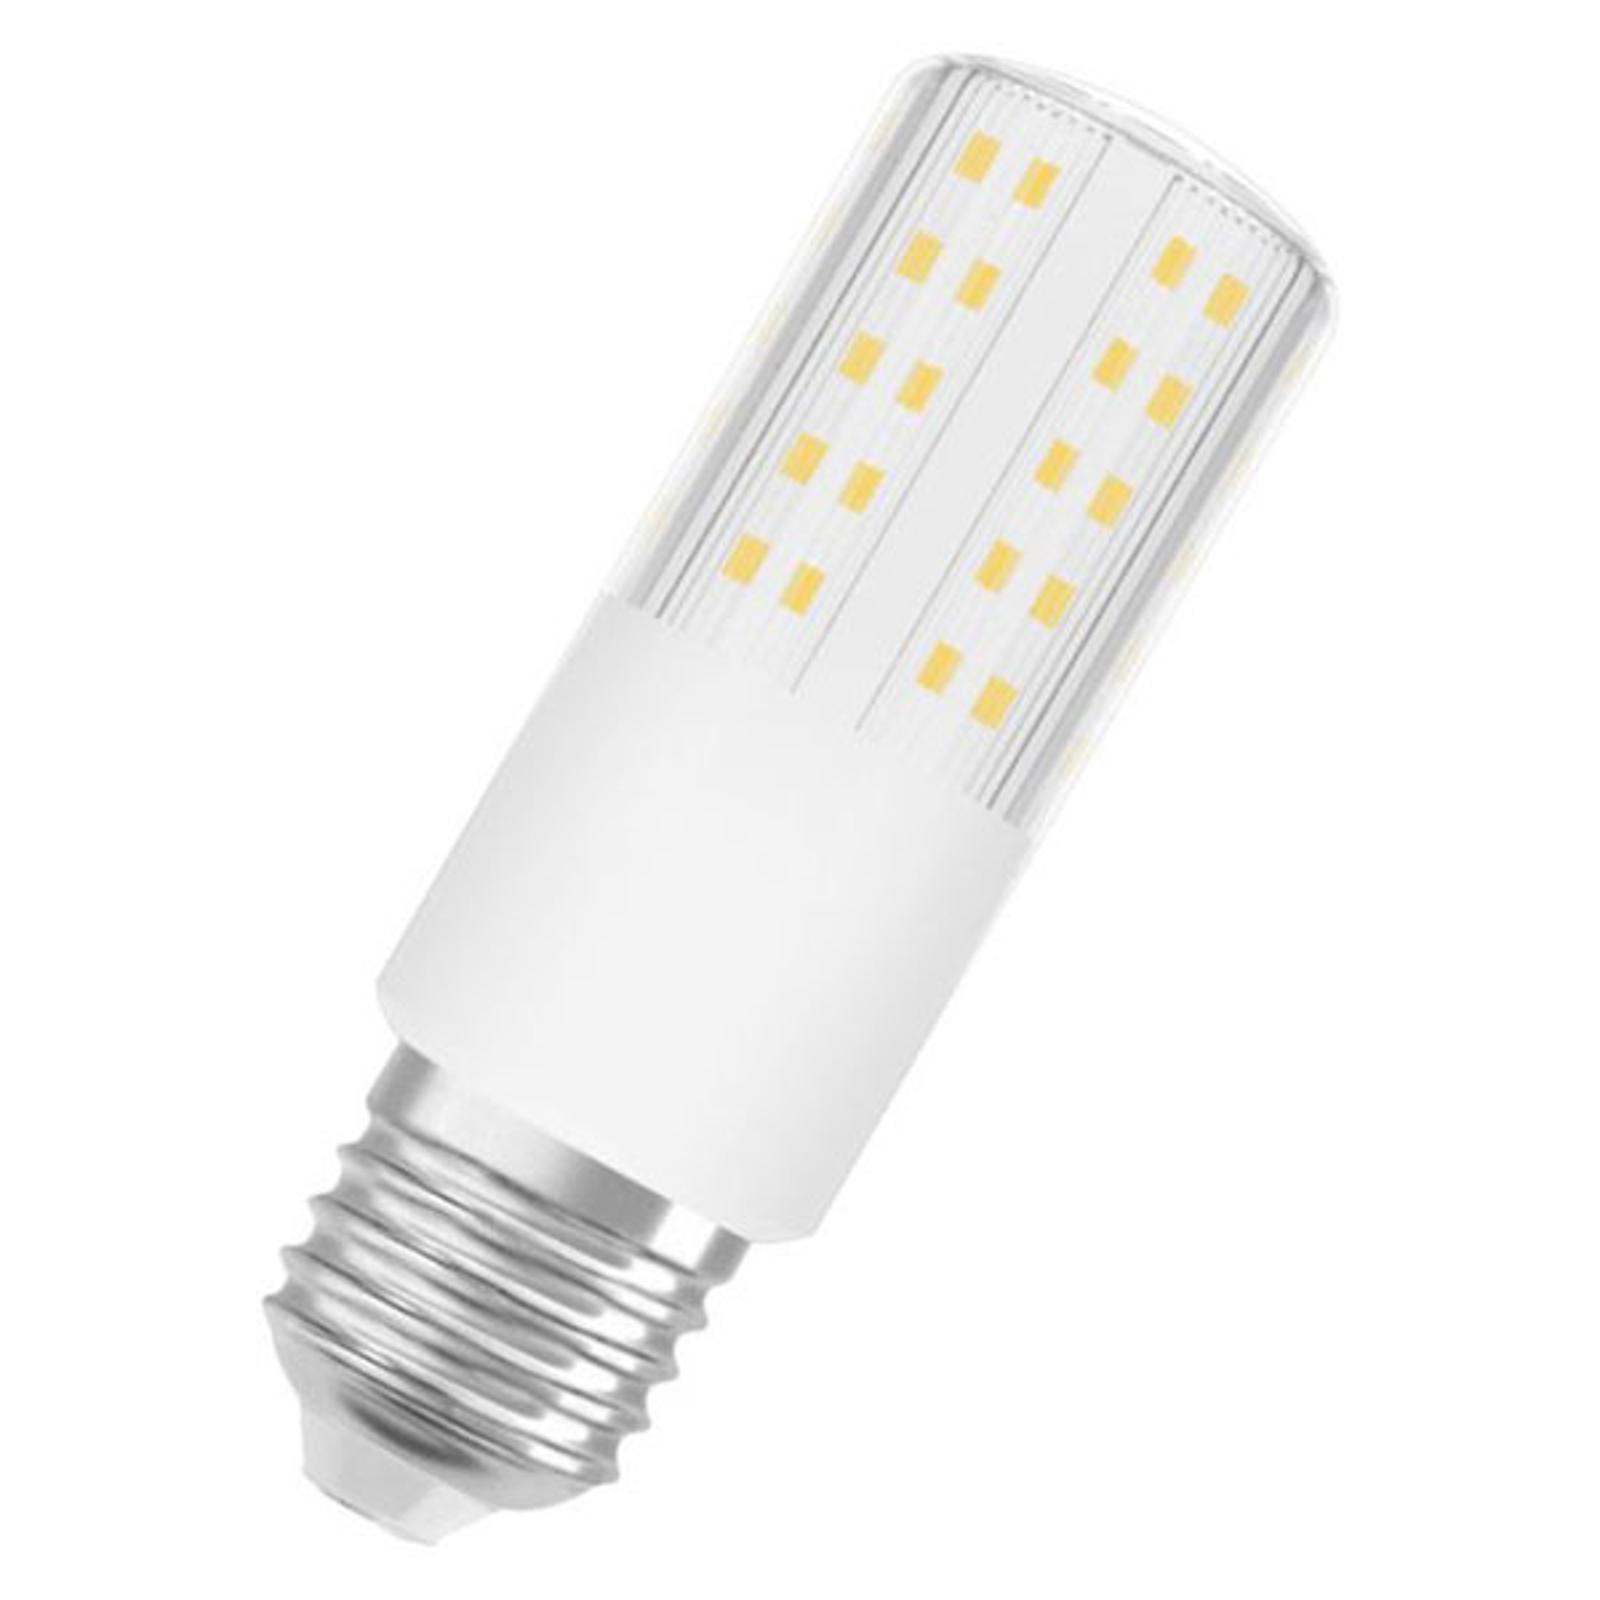 OSRAM LED-pære Special T E27 7,3W 2700K dimbar